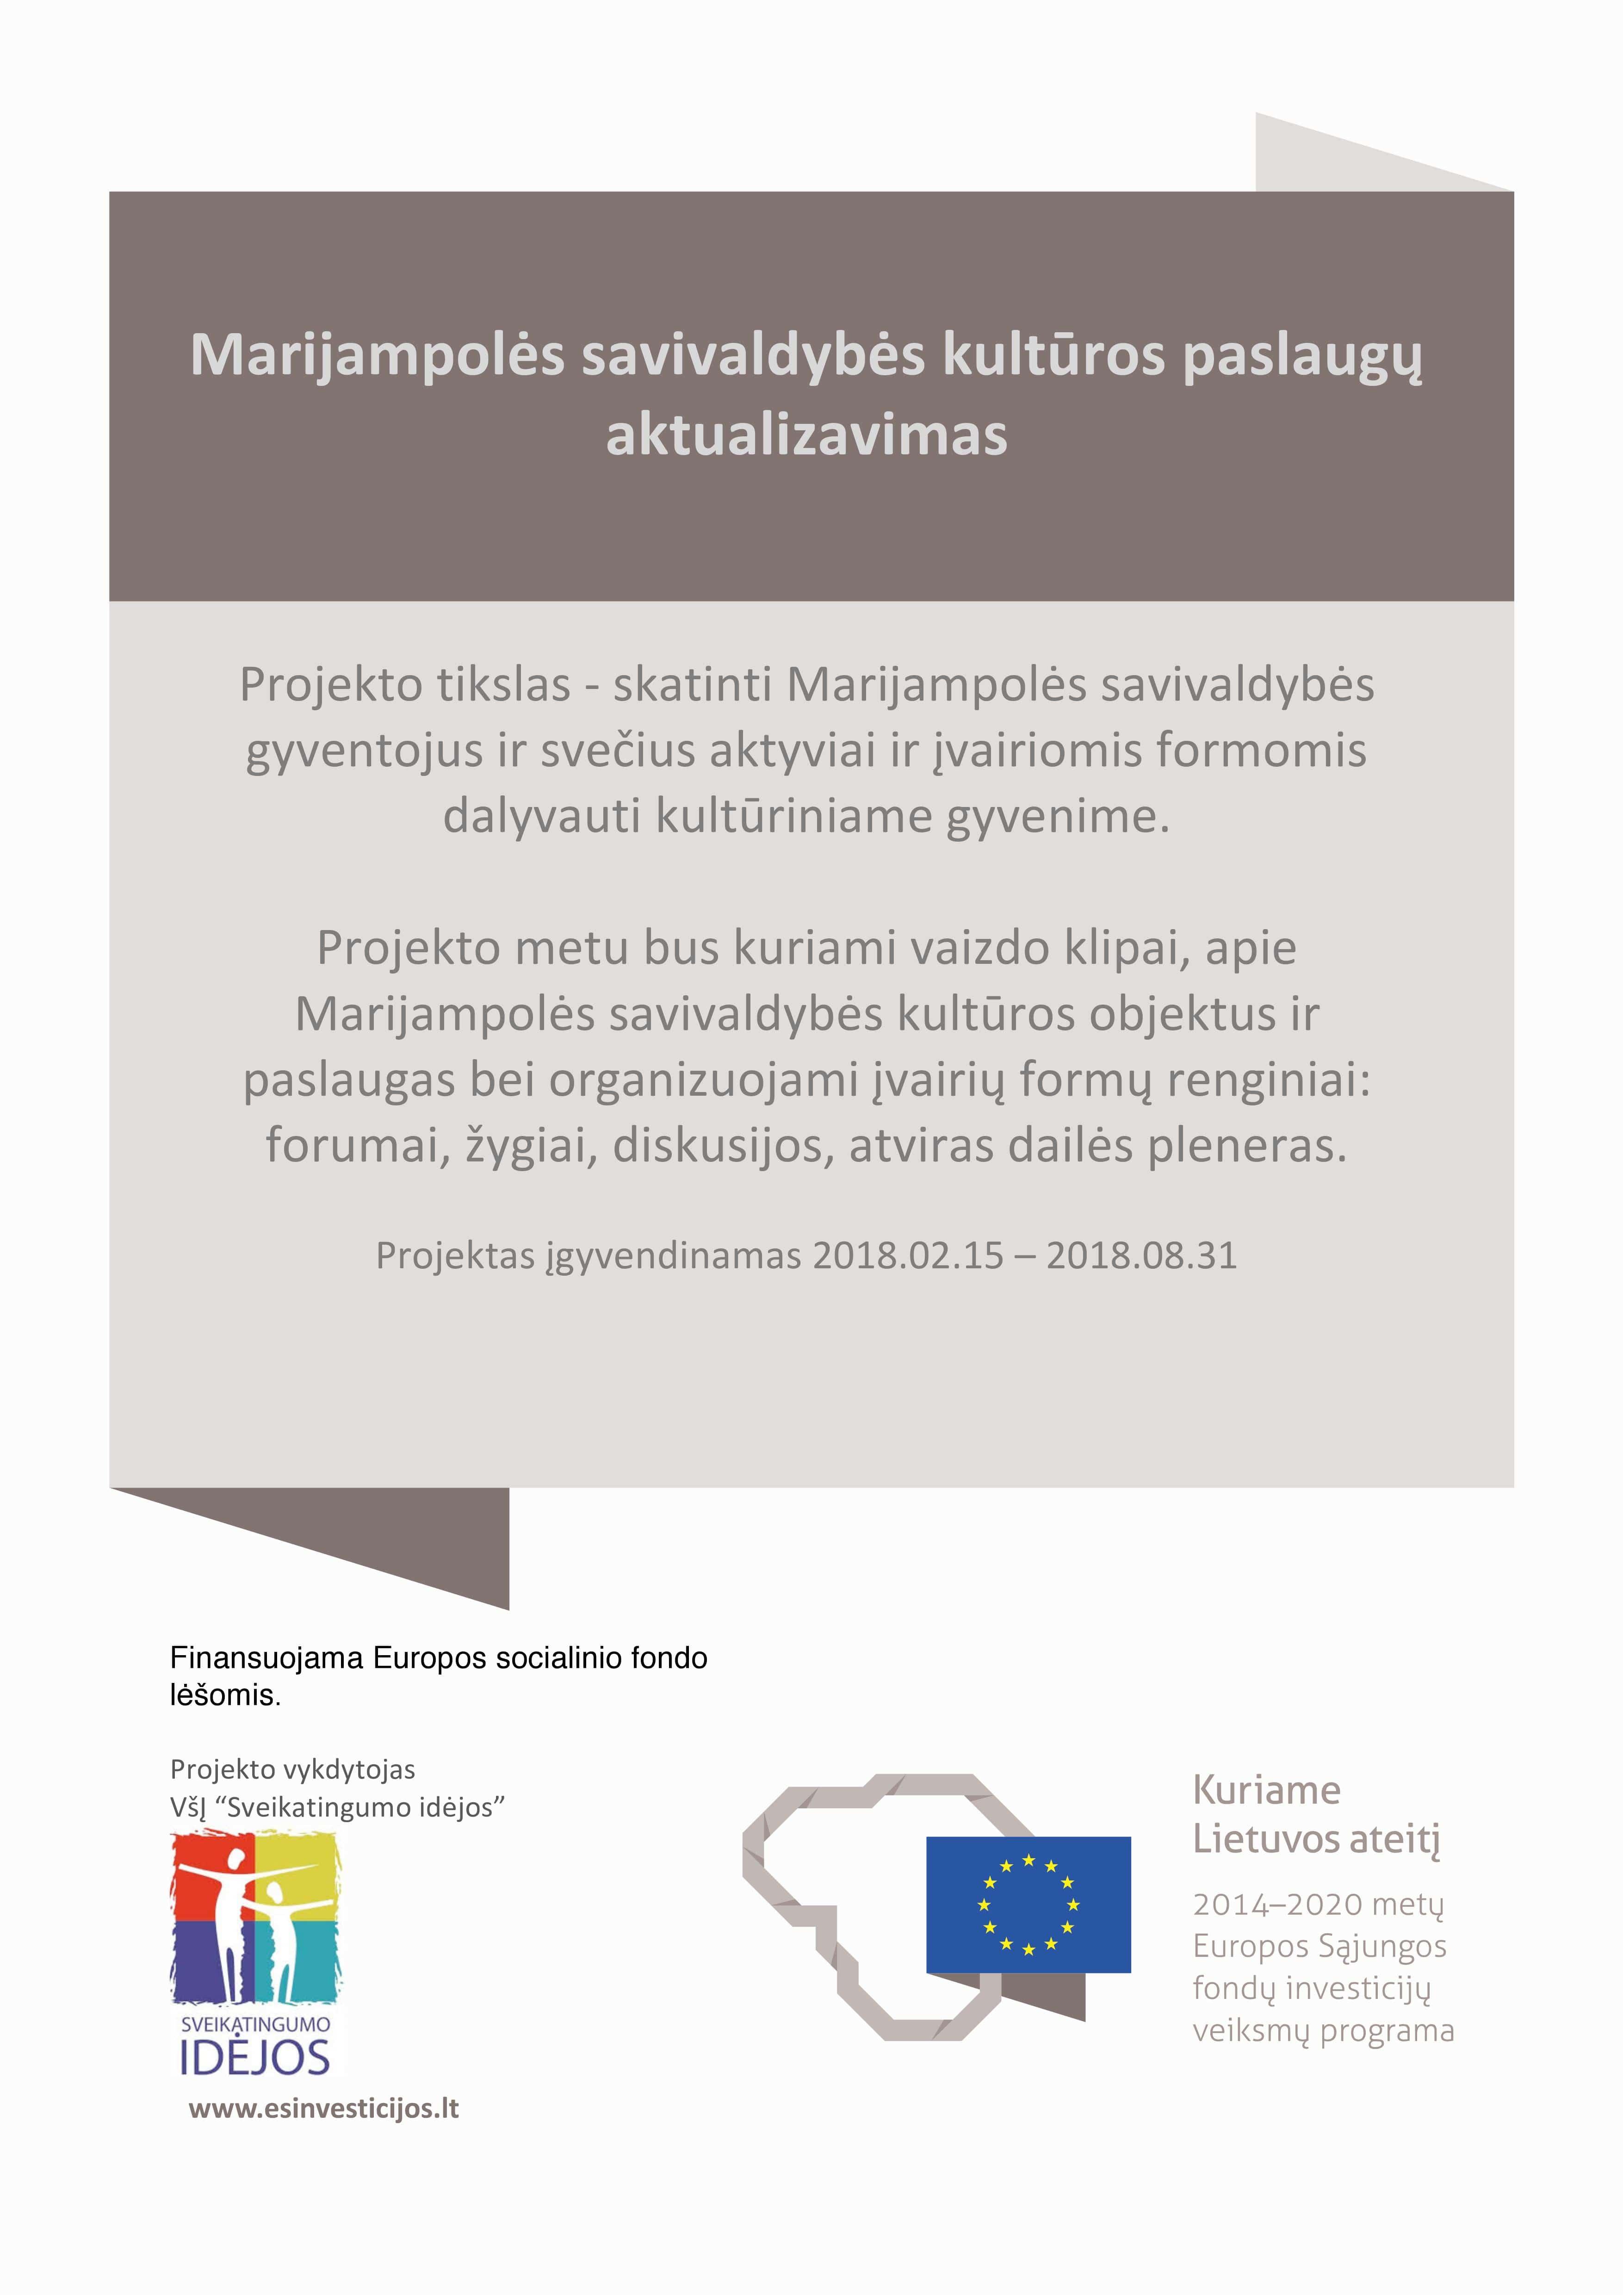 """Įgyvendinamas projektas """"Marijampolės savivaldybės kultūros paslaugų aktualizavimas"""""""